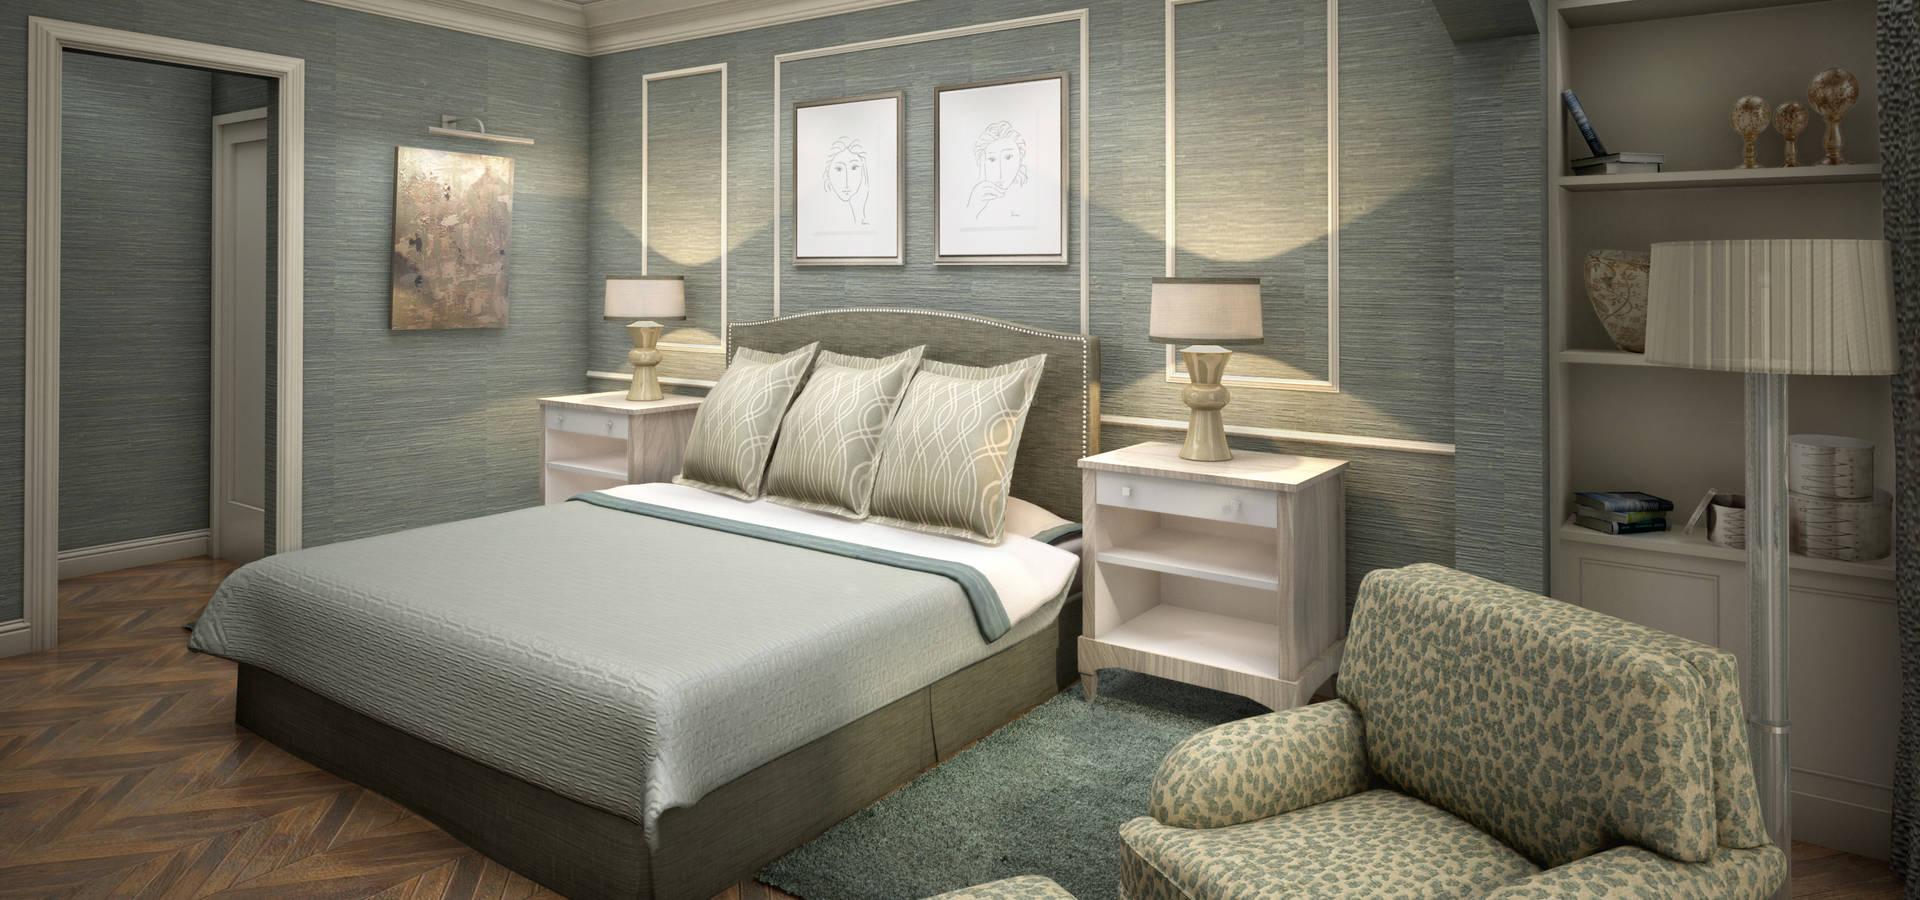 DULLITA Furniture & 3D Design